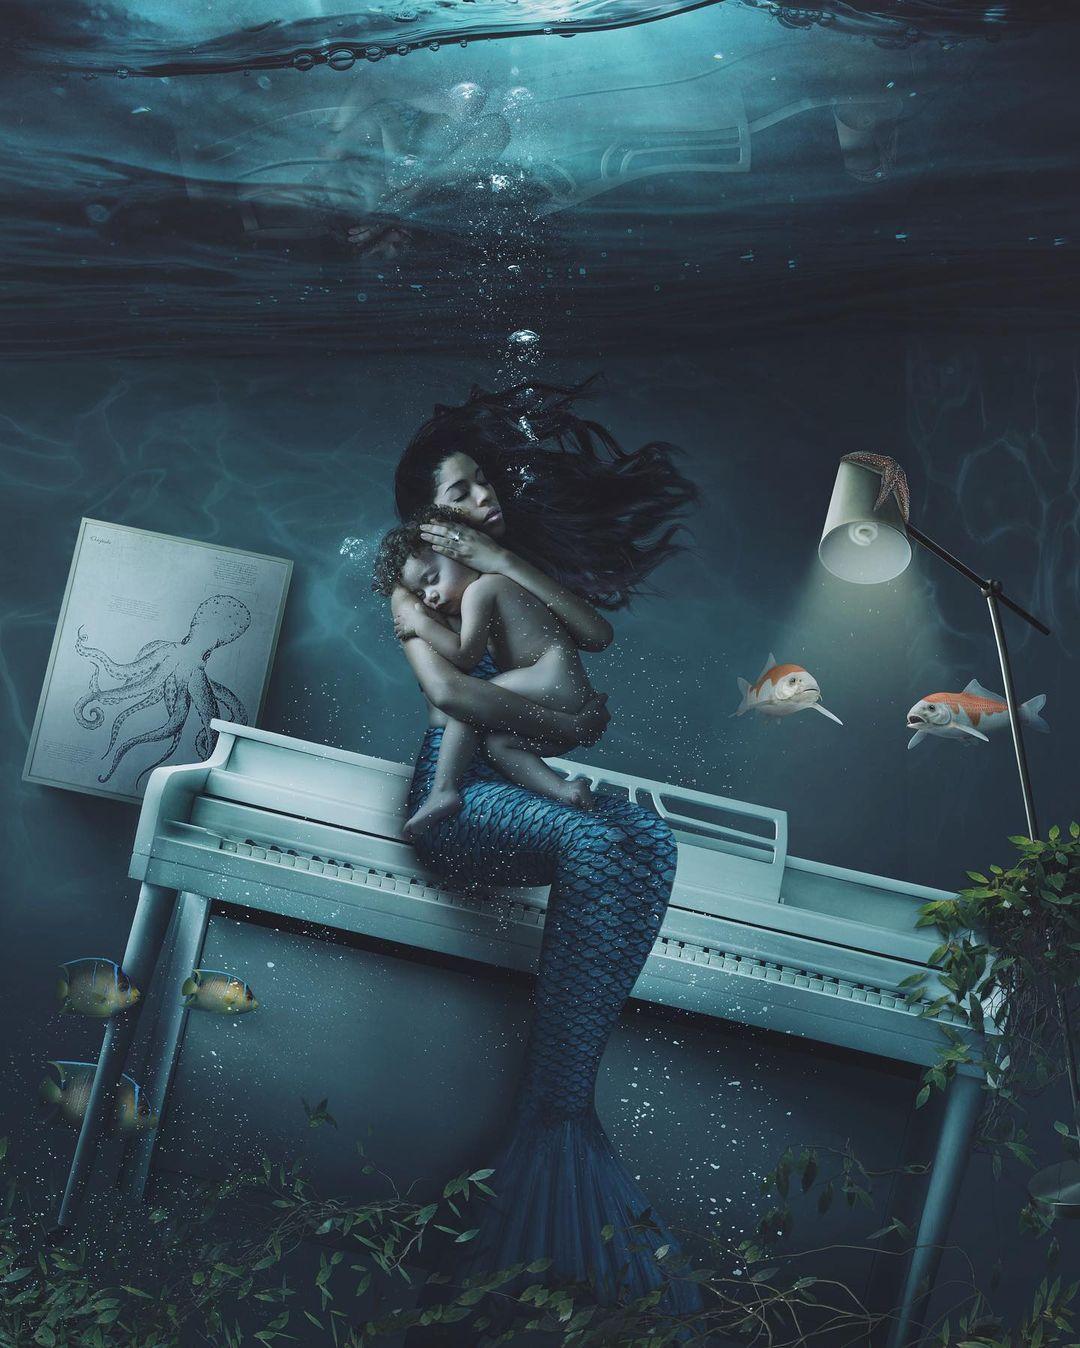 surreal photomanipulation mermaid kid by vanessa rivera